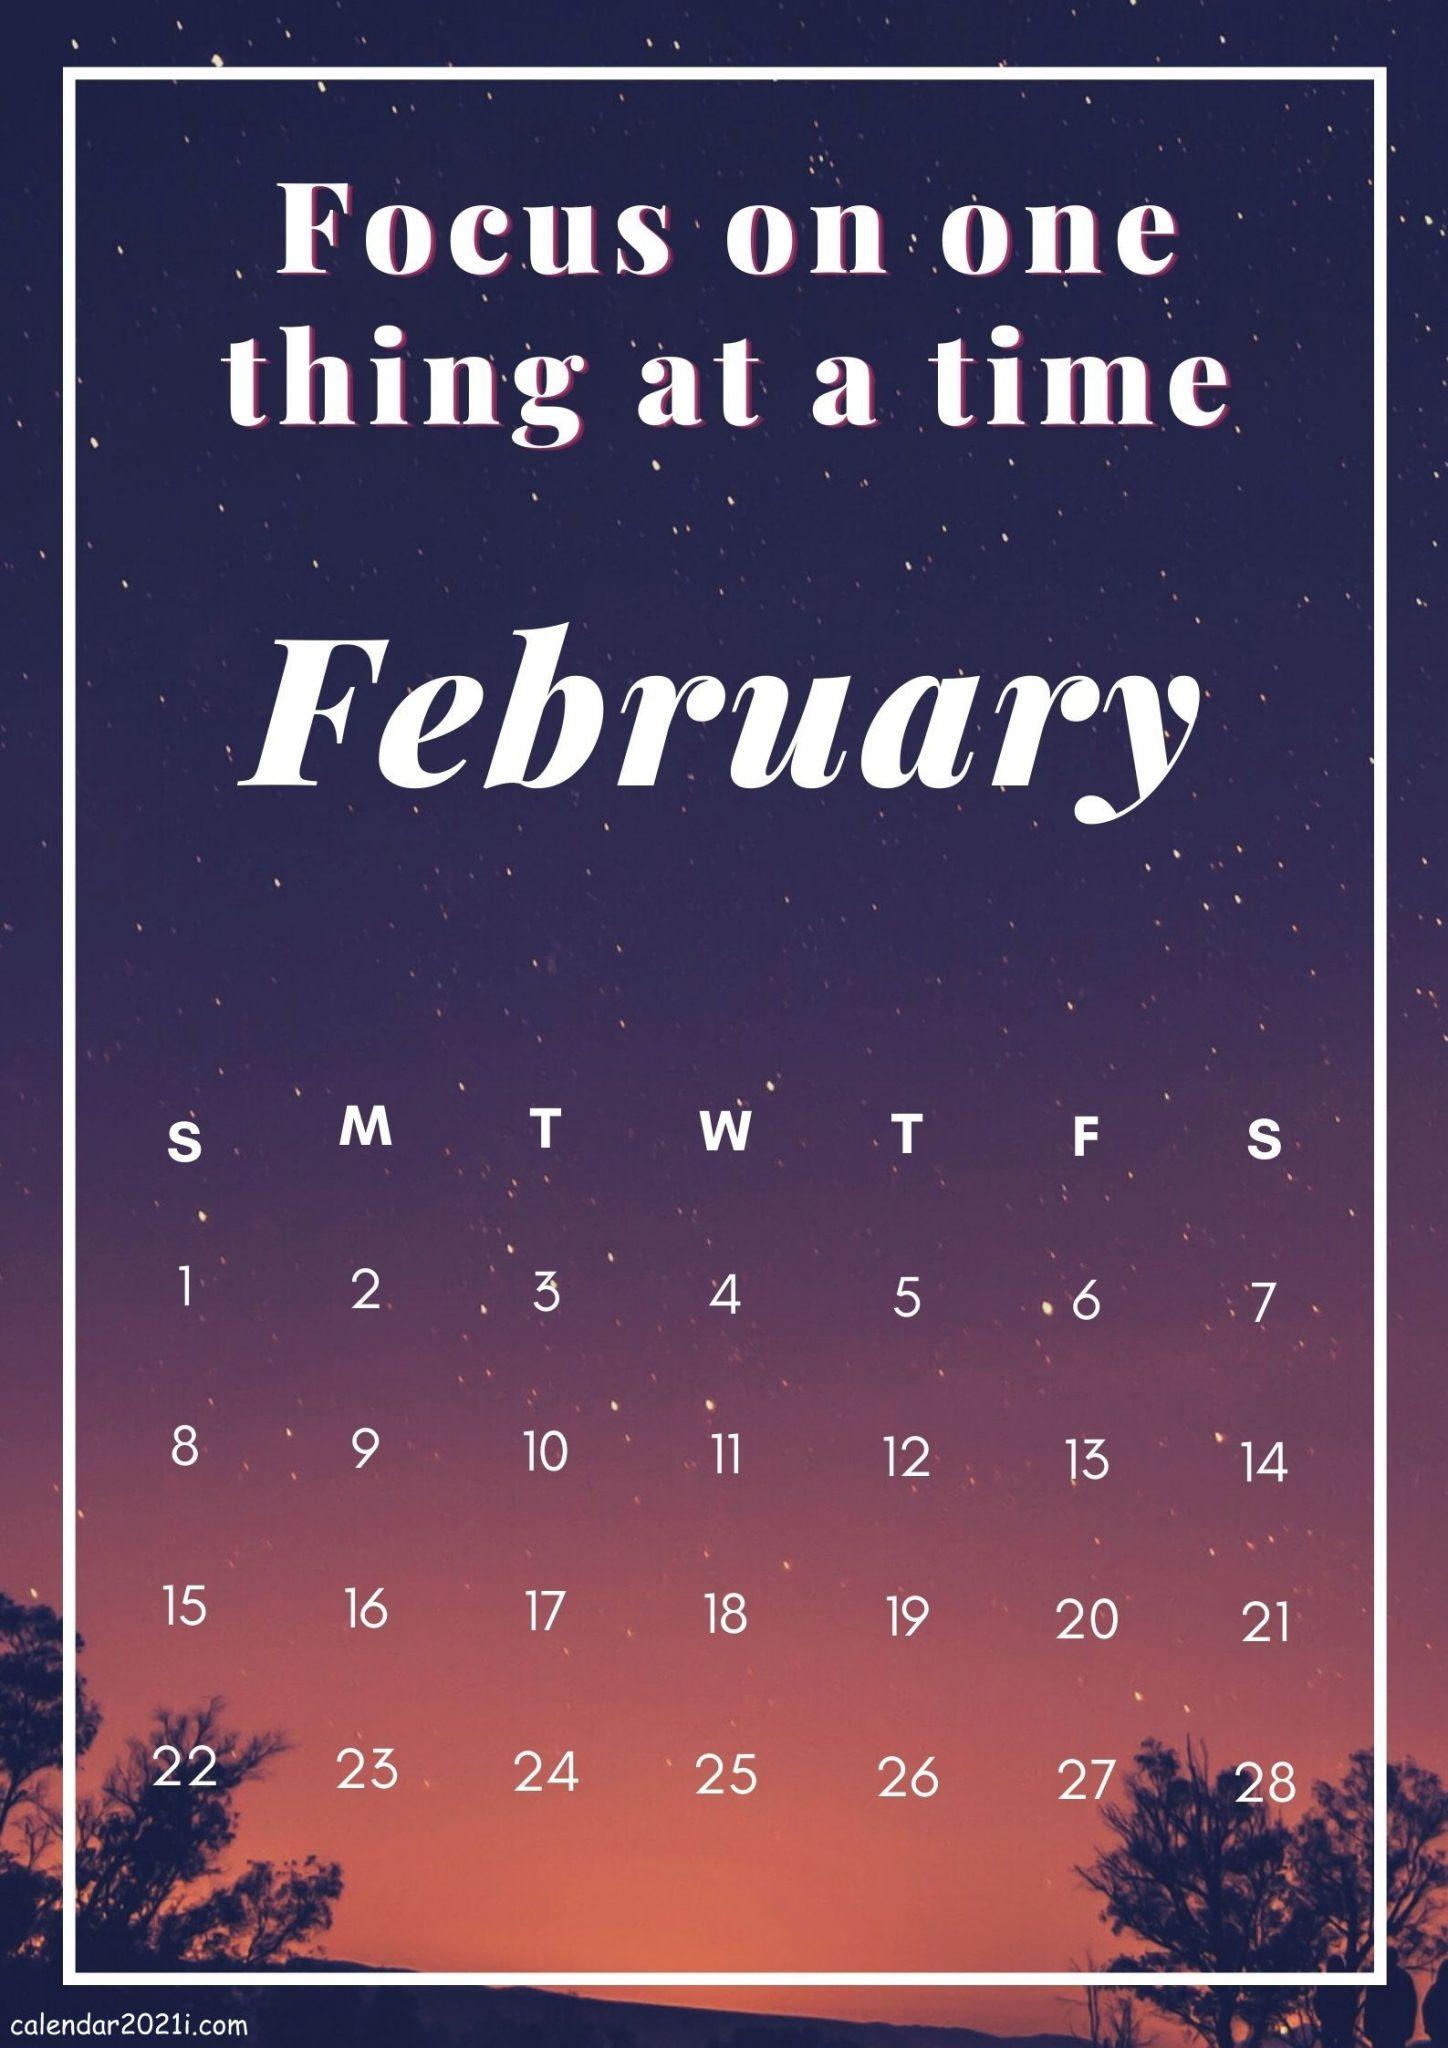 Free February 2021 Inspiring Calendar